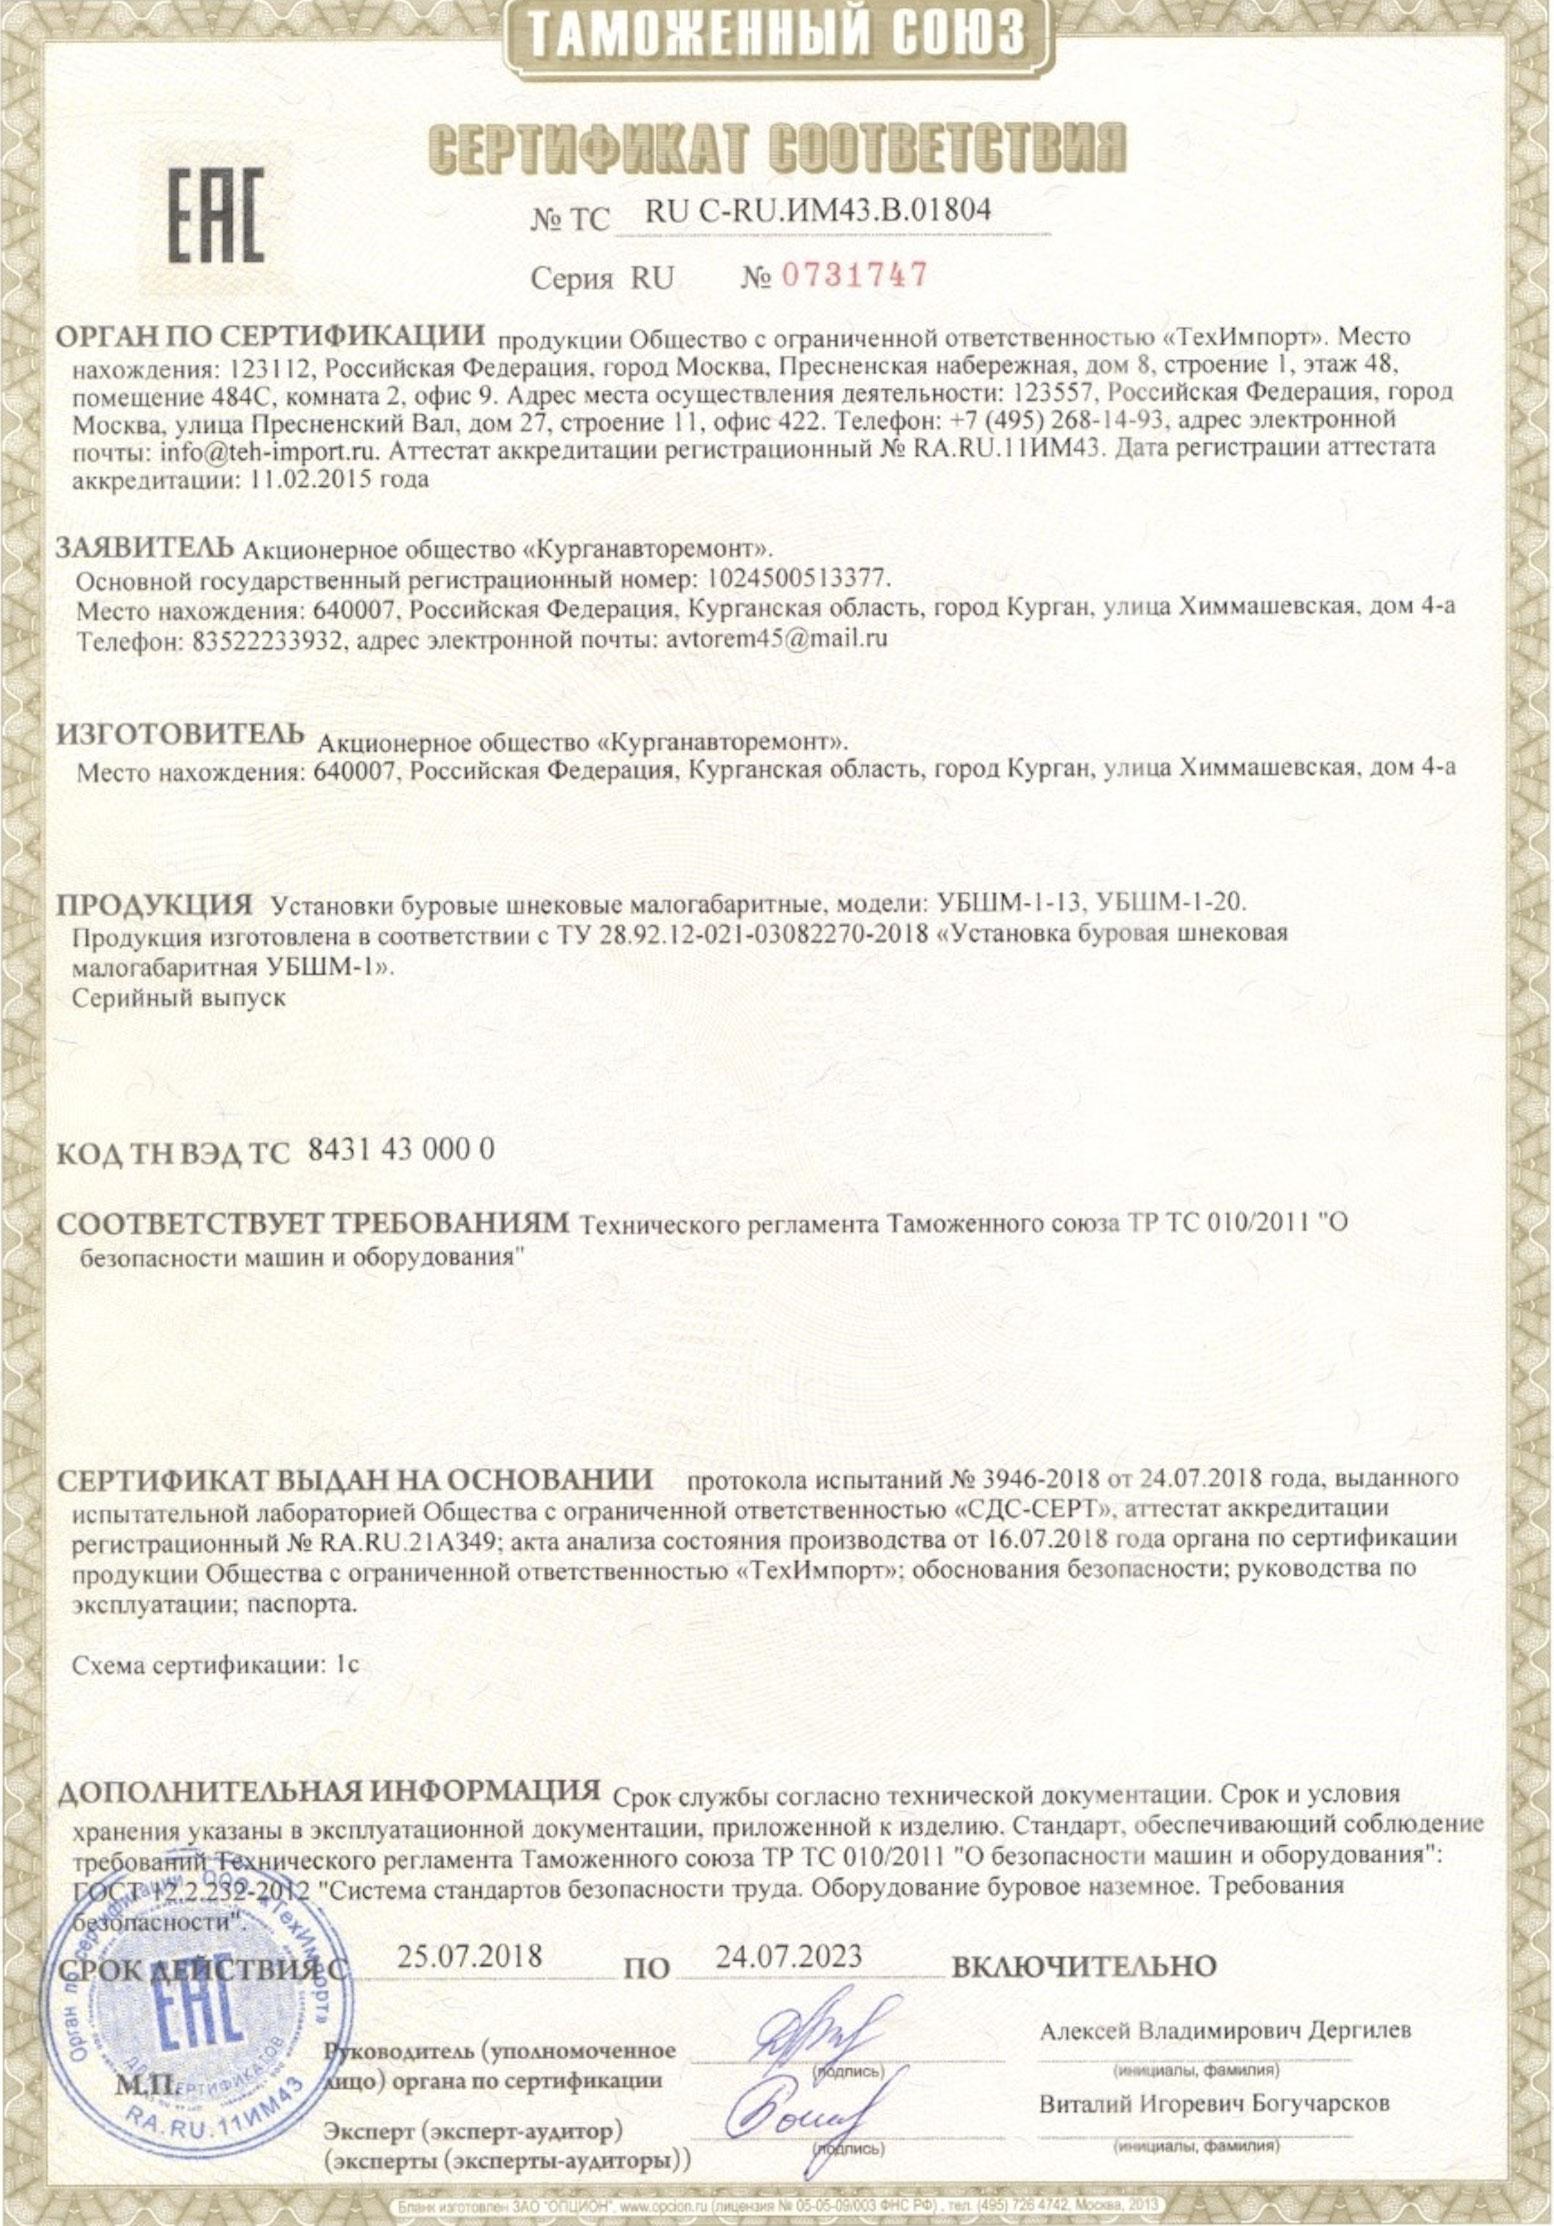 Сертификат Установка буровая малогабаритная УБШМ-1-13 на базе самоходного шасси ШС-04